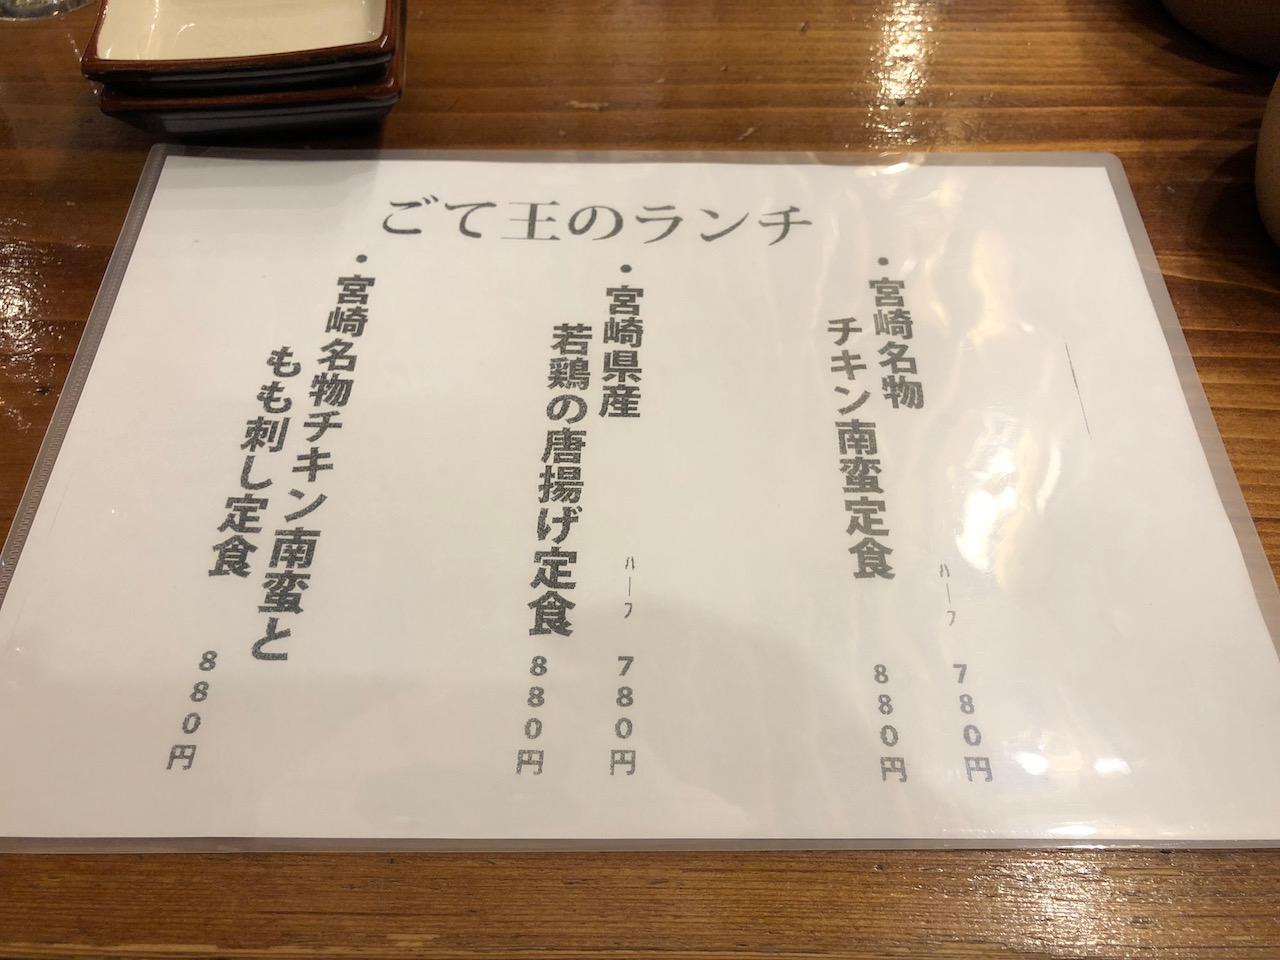 姫路駅前のB級グルメランチ鶏タル丼でお馴染みの「ごて王」でもも刺し定食!